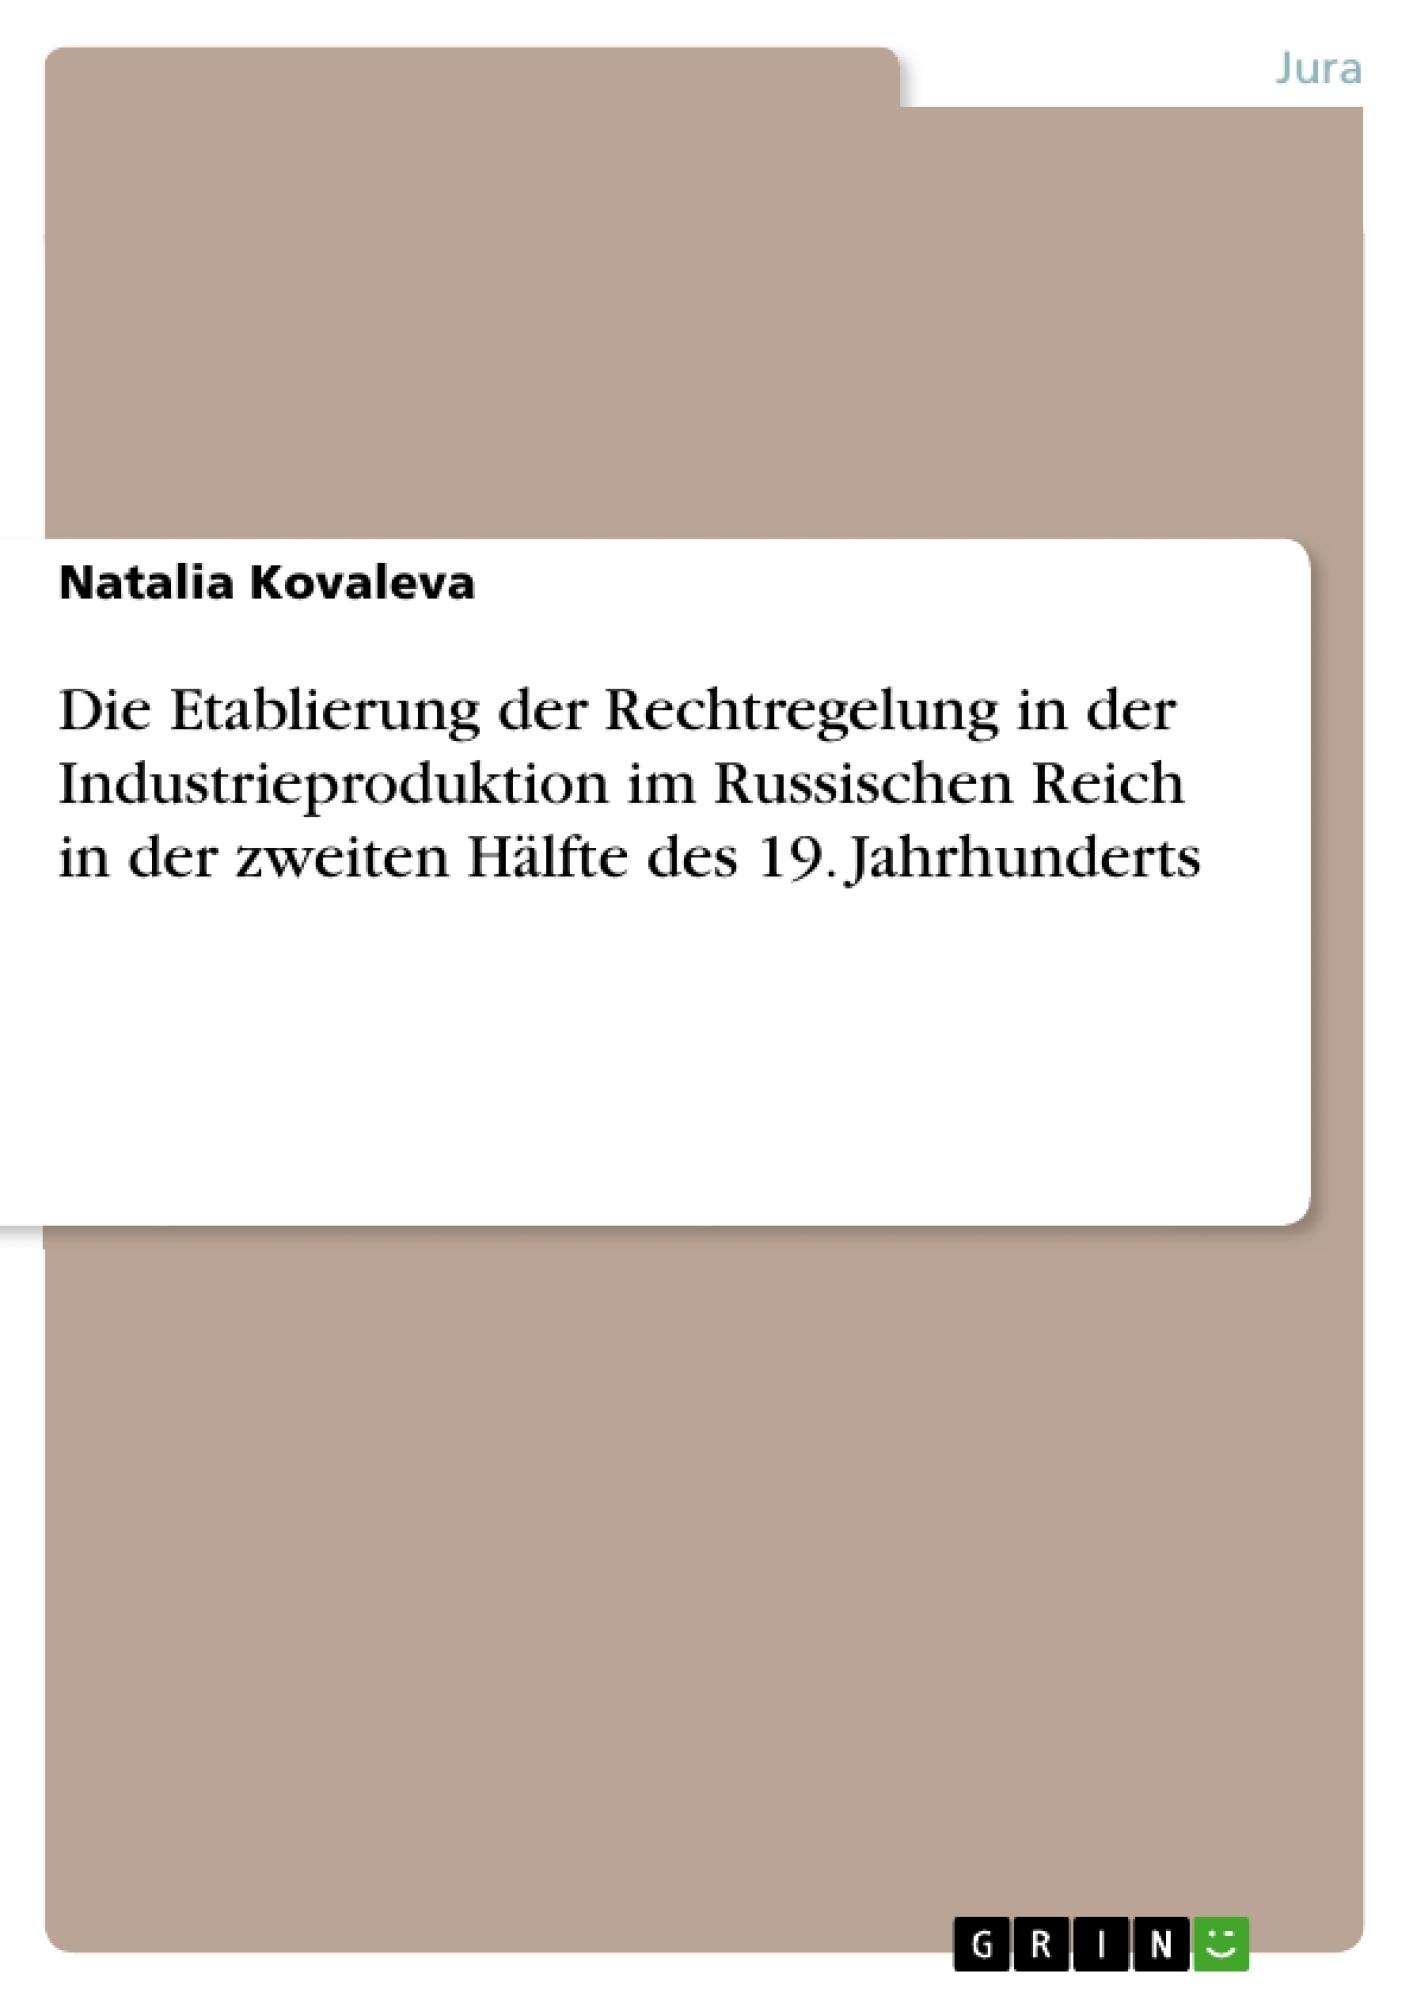 Titel: Die Etablierung der Rechtregelung in der Industrieproduktion im Russischen Reich in der zweiten Hälfte des 19. Jahrhunderts